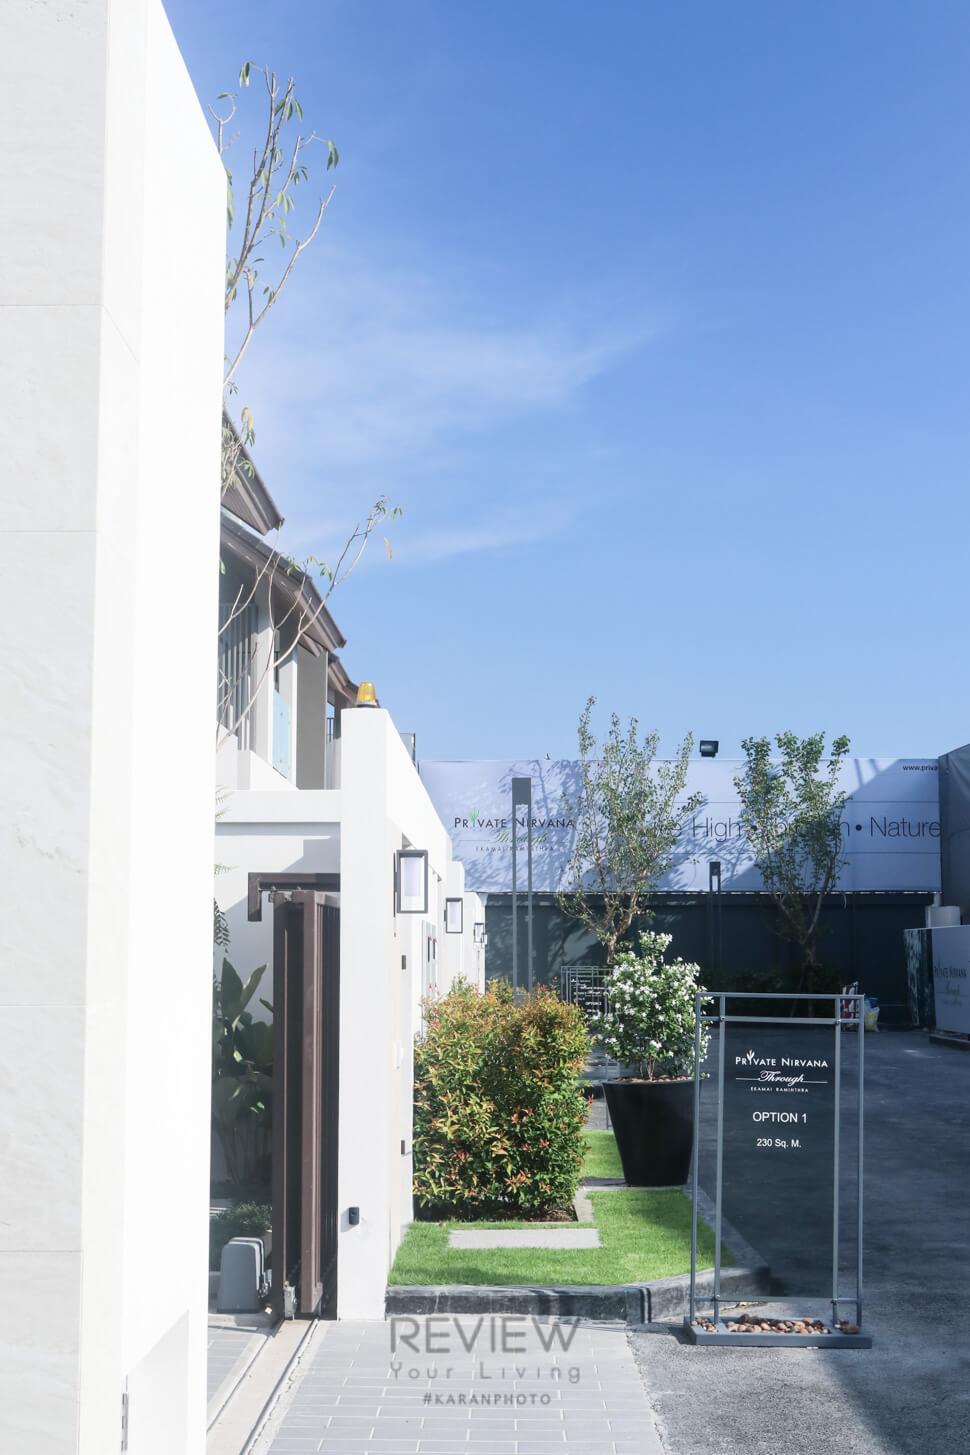 บ้านตัวอย่าง option 1 บ้านใกล้เลียบด่วน รามอินทรา Private Nirvana THROUGH Ekamai-Raminthra